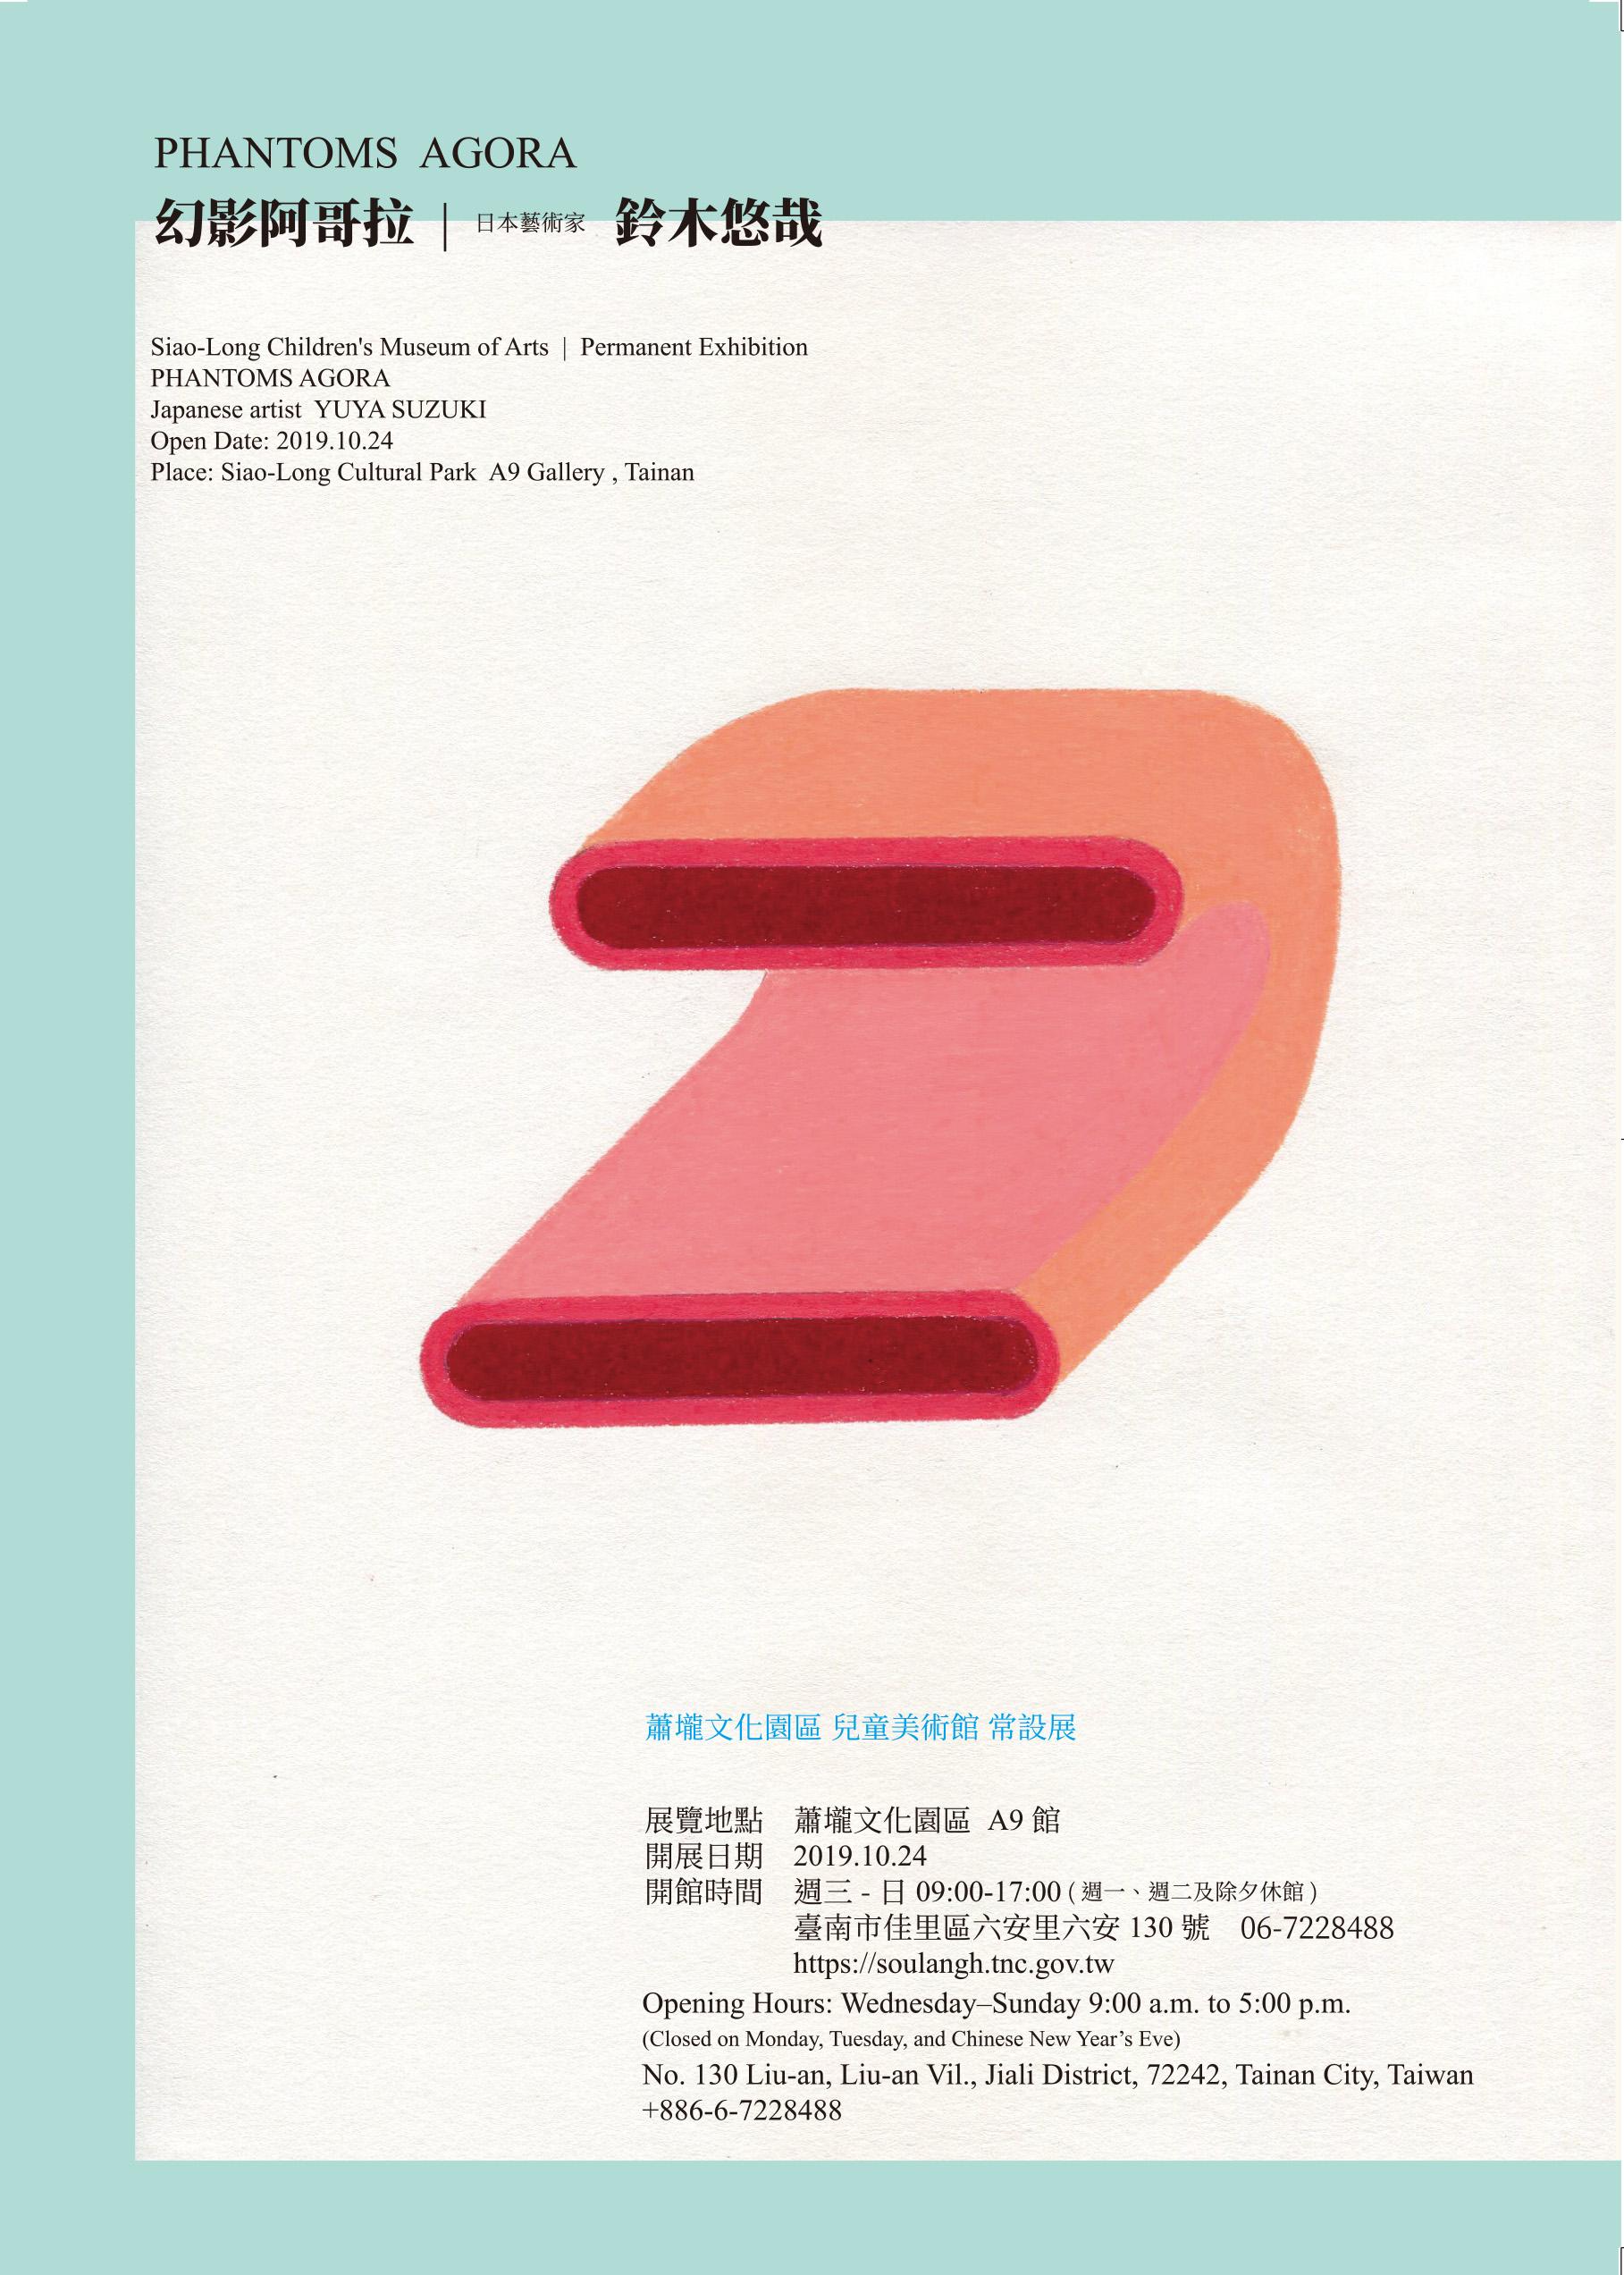 臺南市政府文化局「蕭壠兒童美術館最新常設展《幻影阿哥拉》」